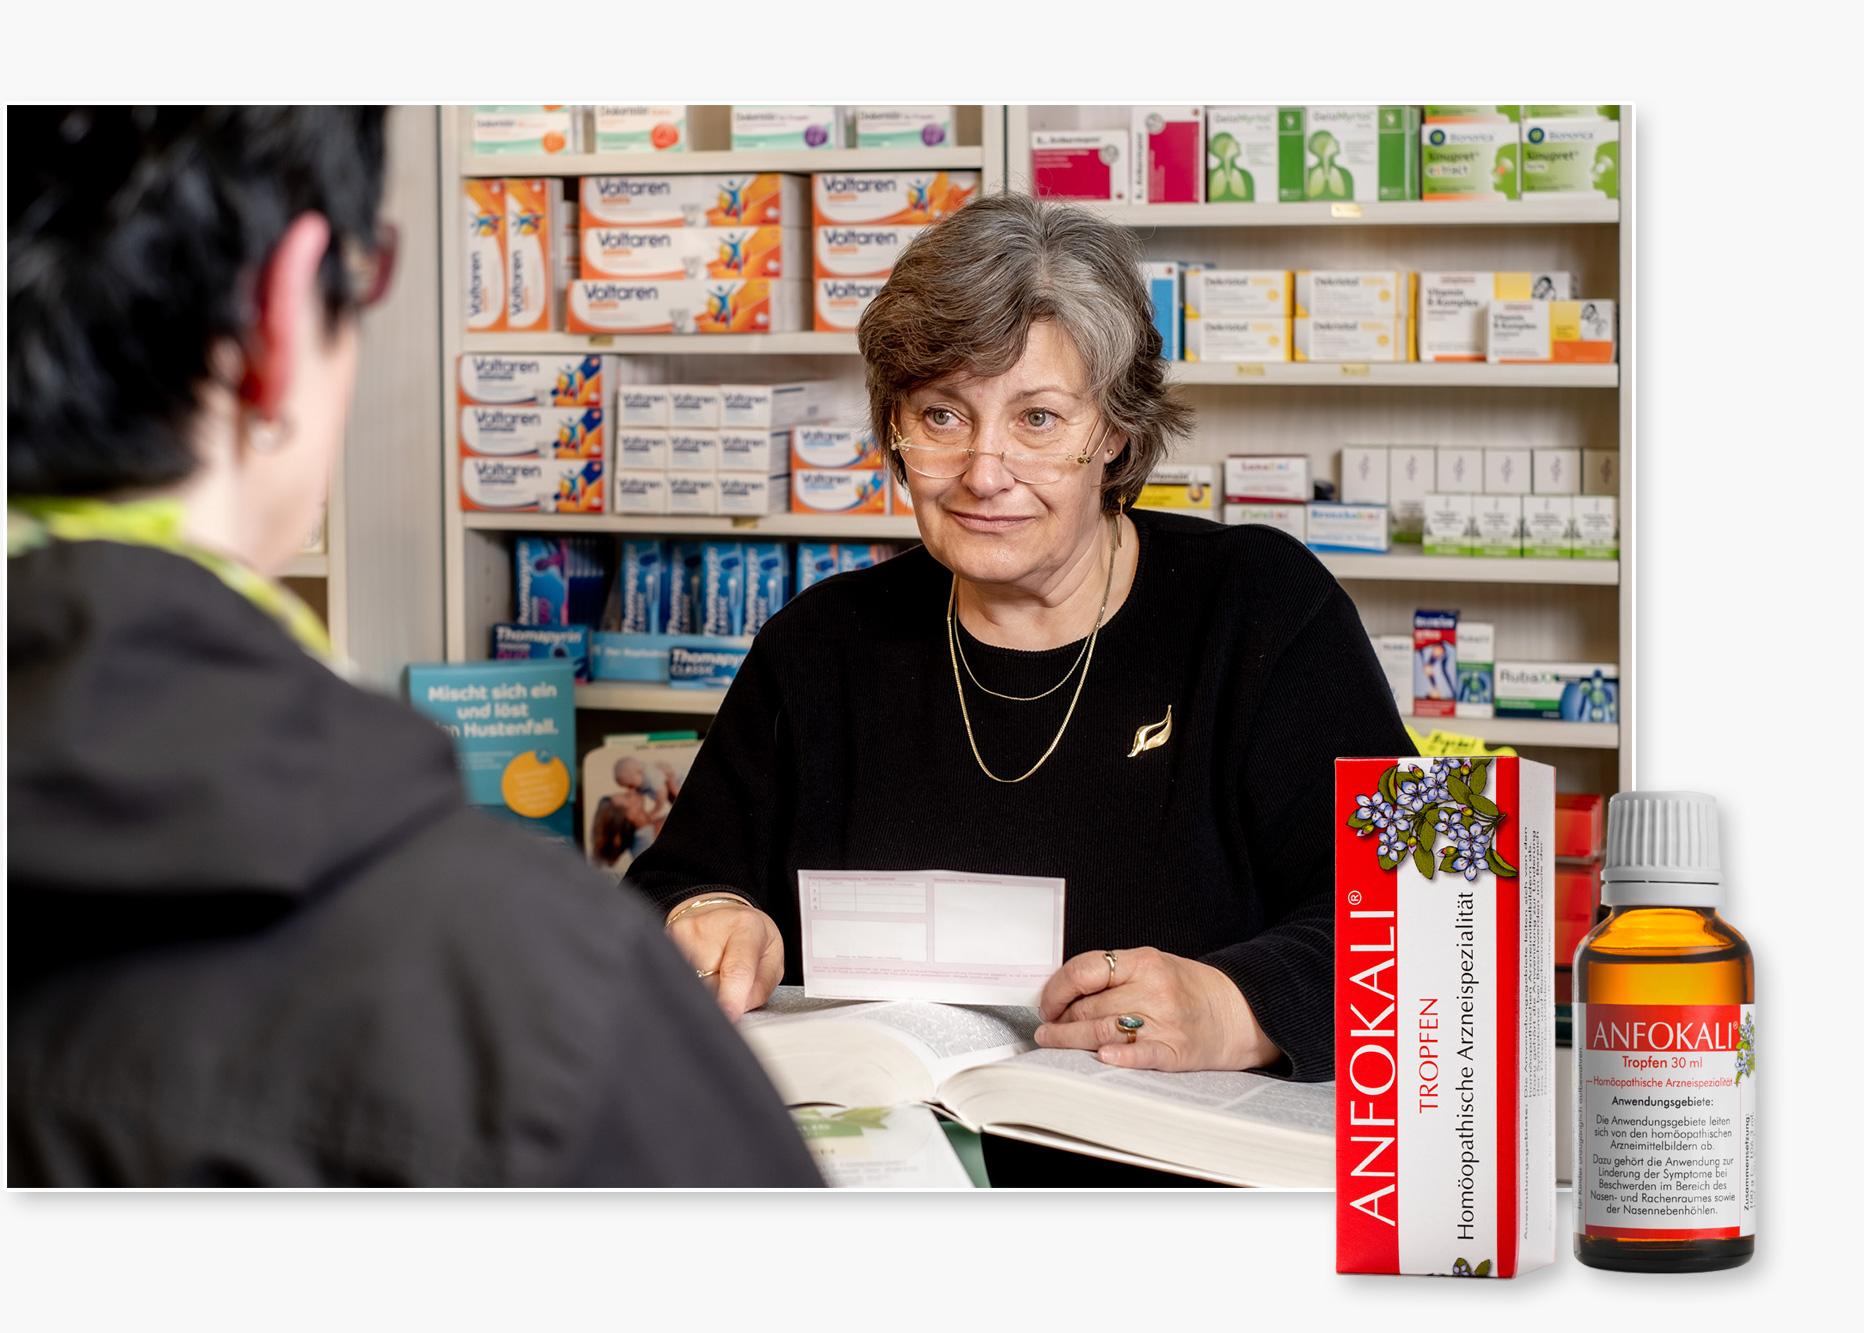 Medikationsmanagement | Adler Apotheke Wittichenau